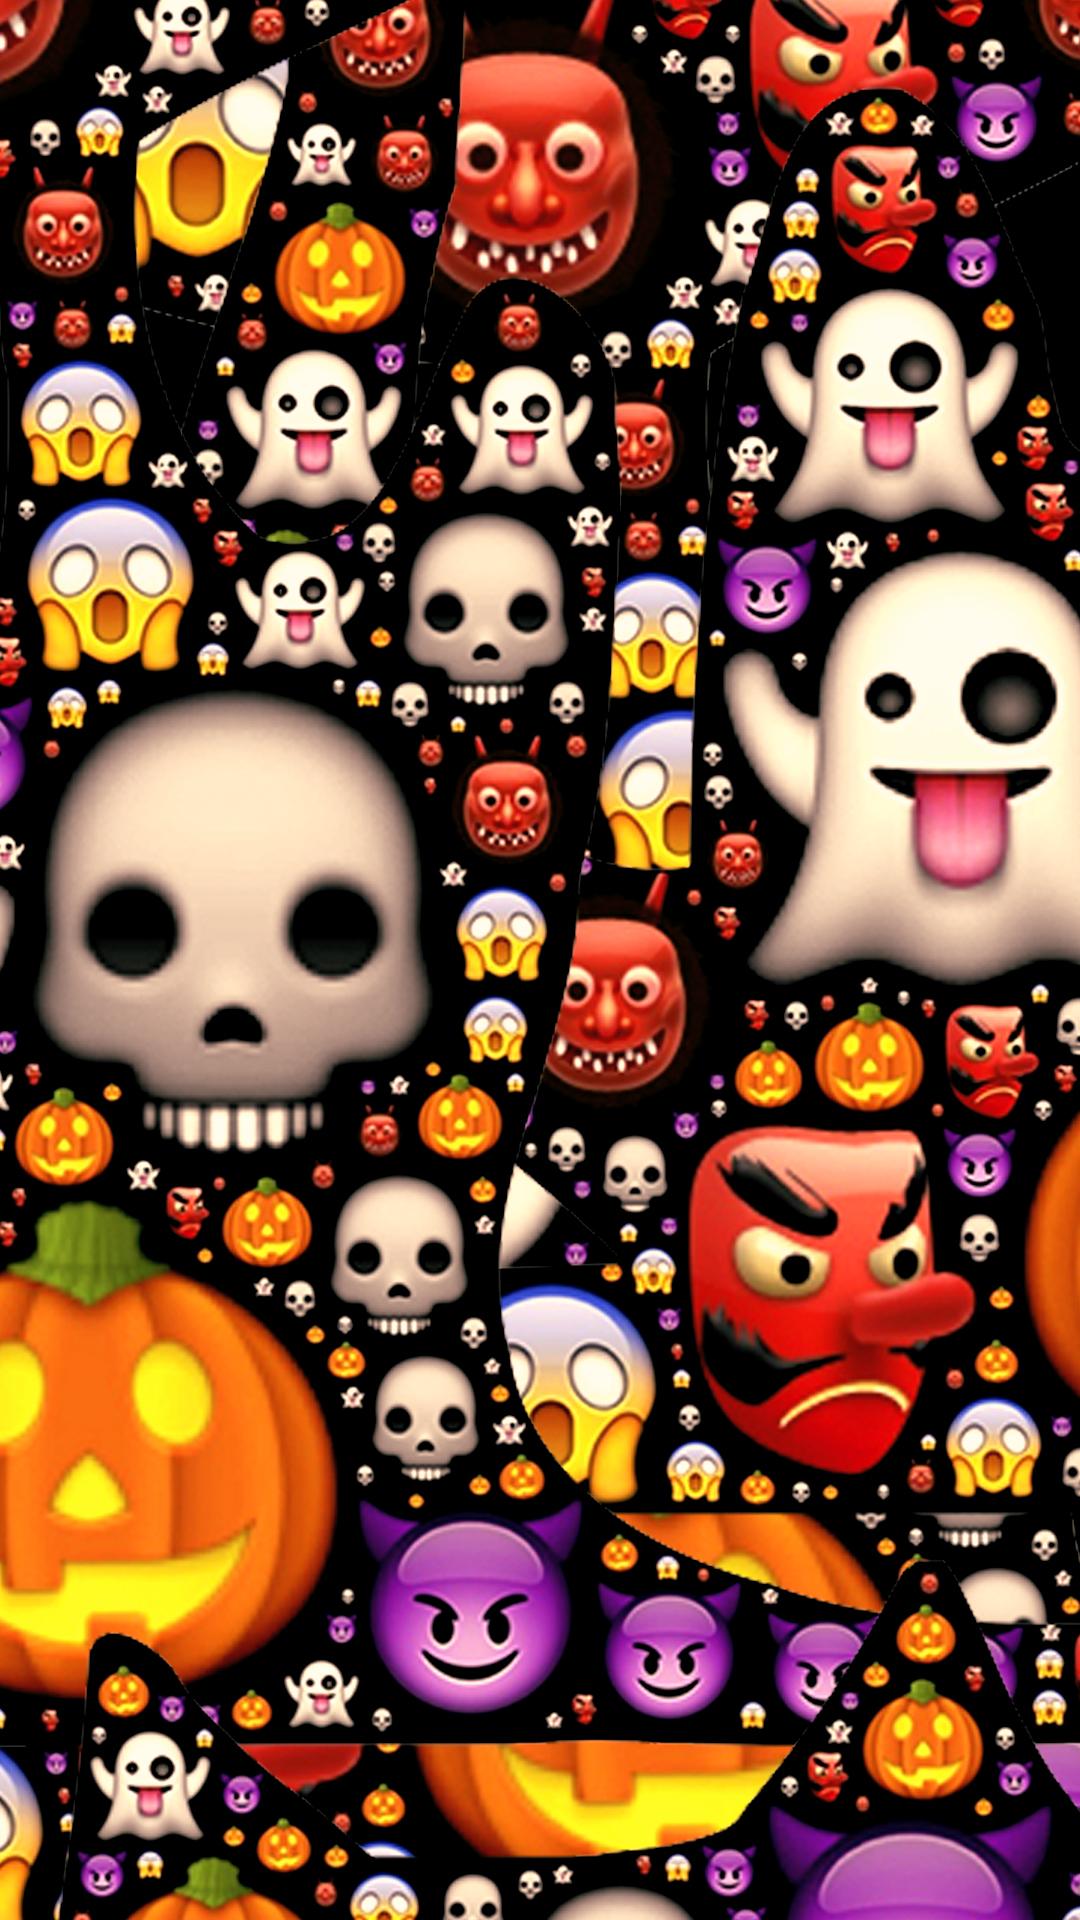 Cute Crisp Wallpapers Free Hd Emoji Mess Phone Wallpaper 4458